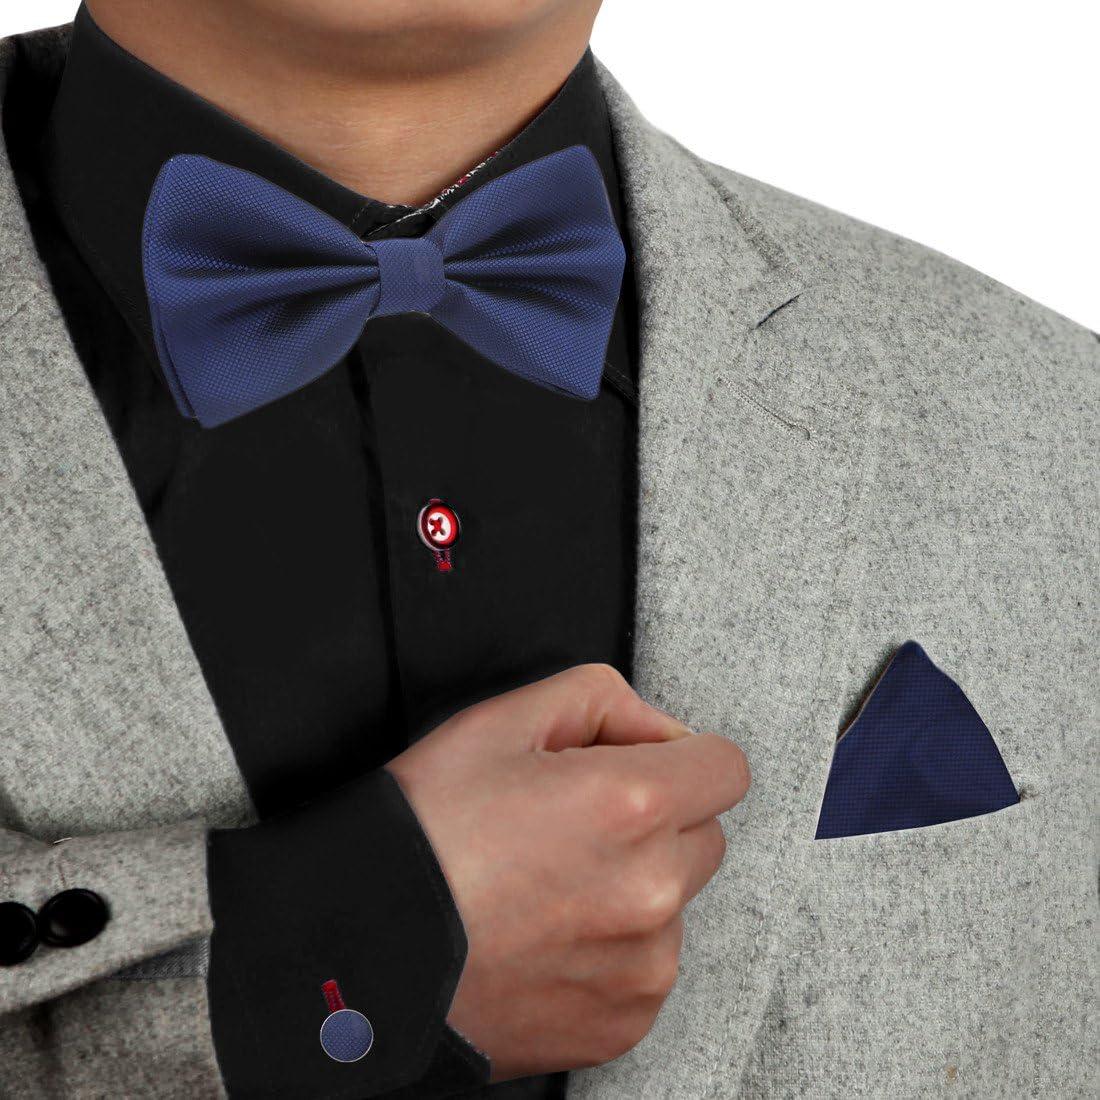 Dan Smith Men's Bowtie Set Bowtie Cufflinks Hanky Set Fashion Multicolor Poly Pre-Tied Bow Tie Set